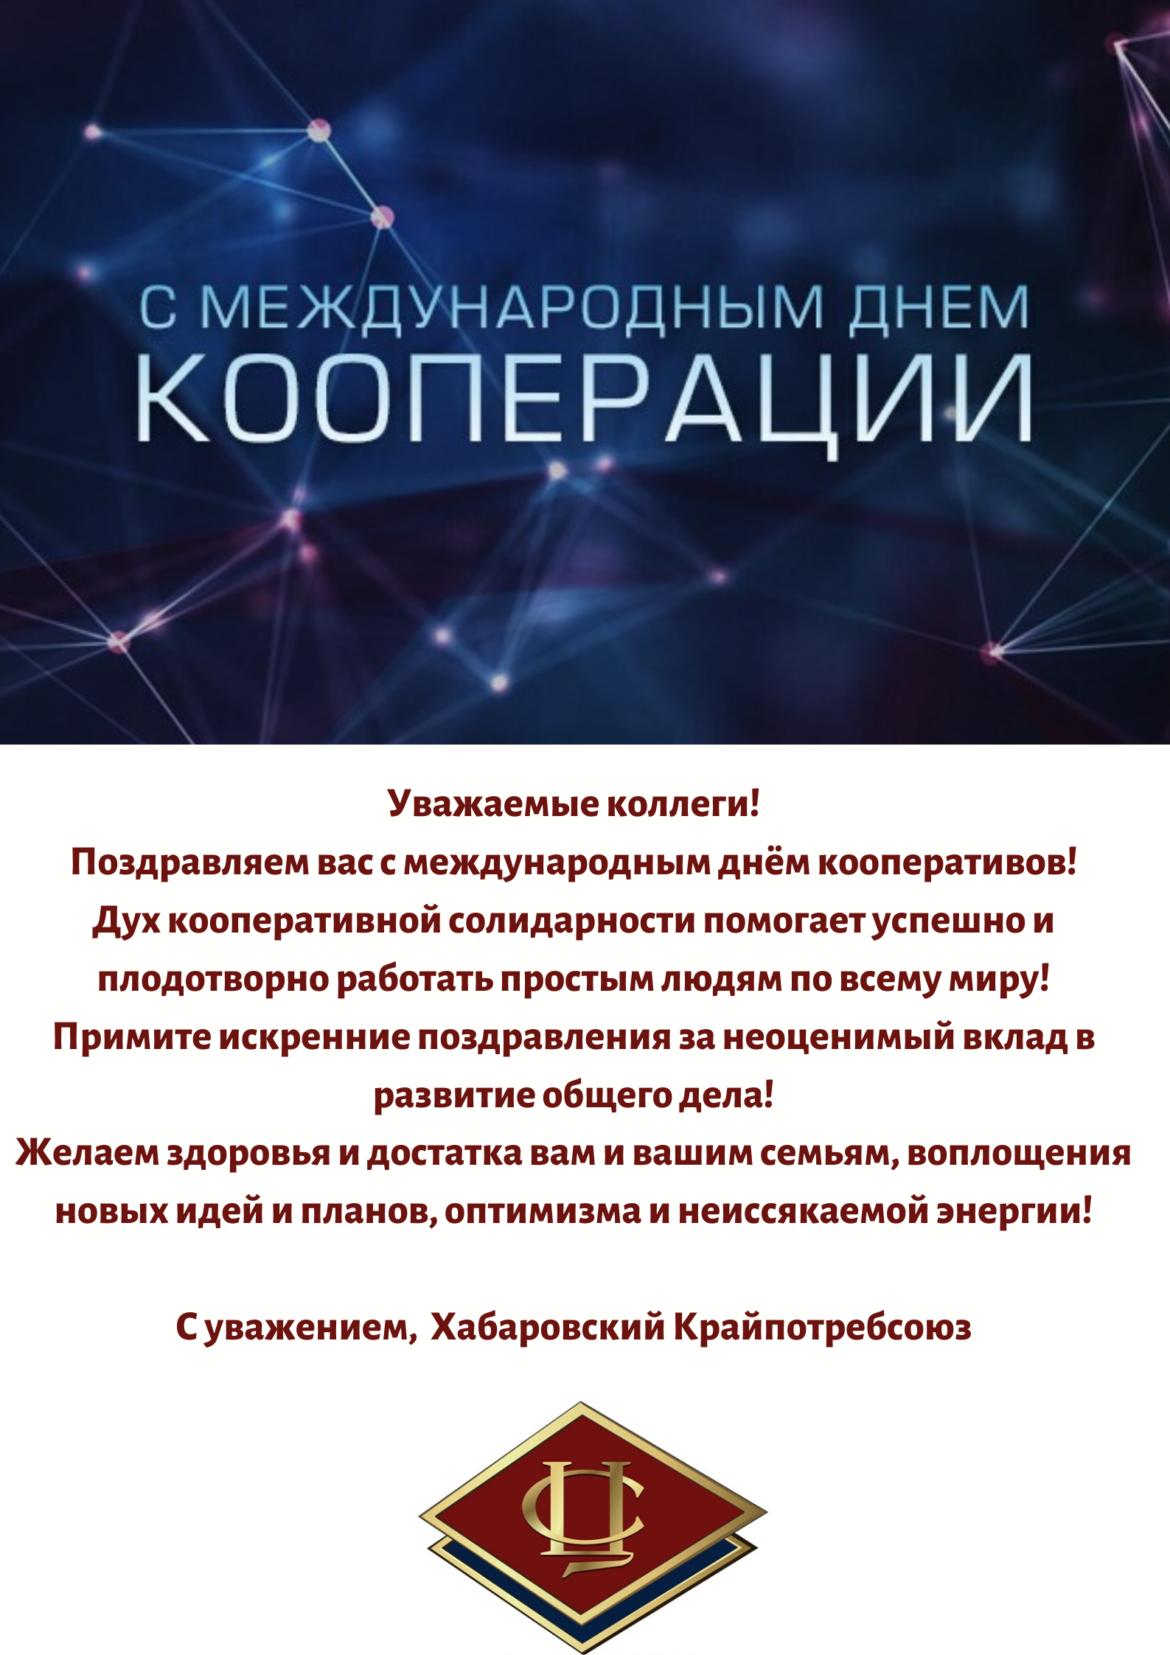 4 июля международный день кооперации